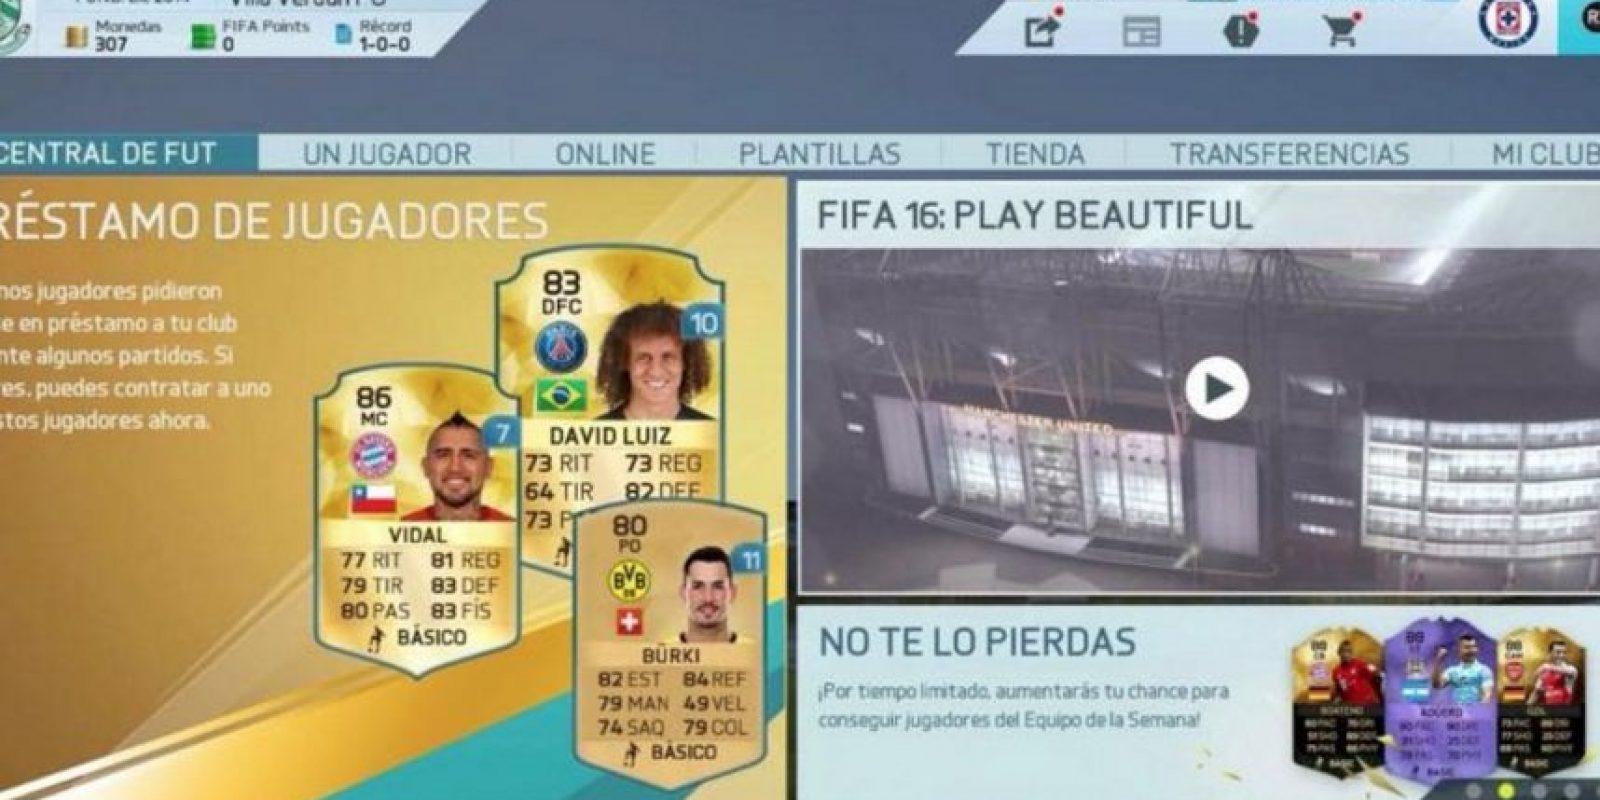 Ahora podrán jugar en línea en el PS4. Foto:Especial